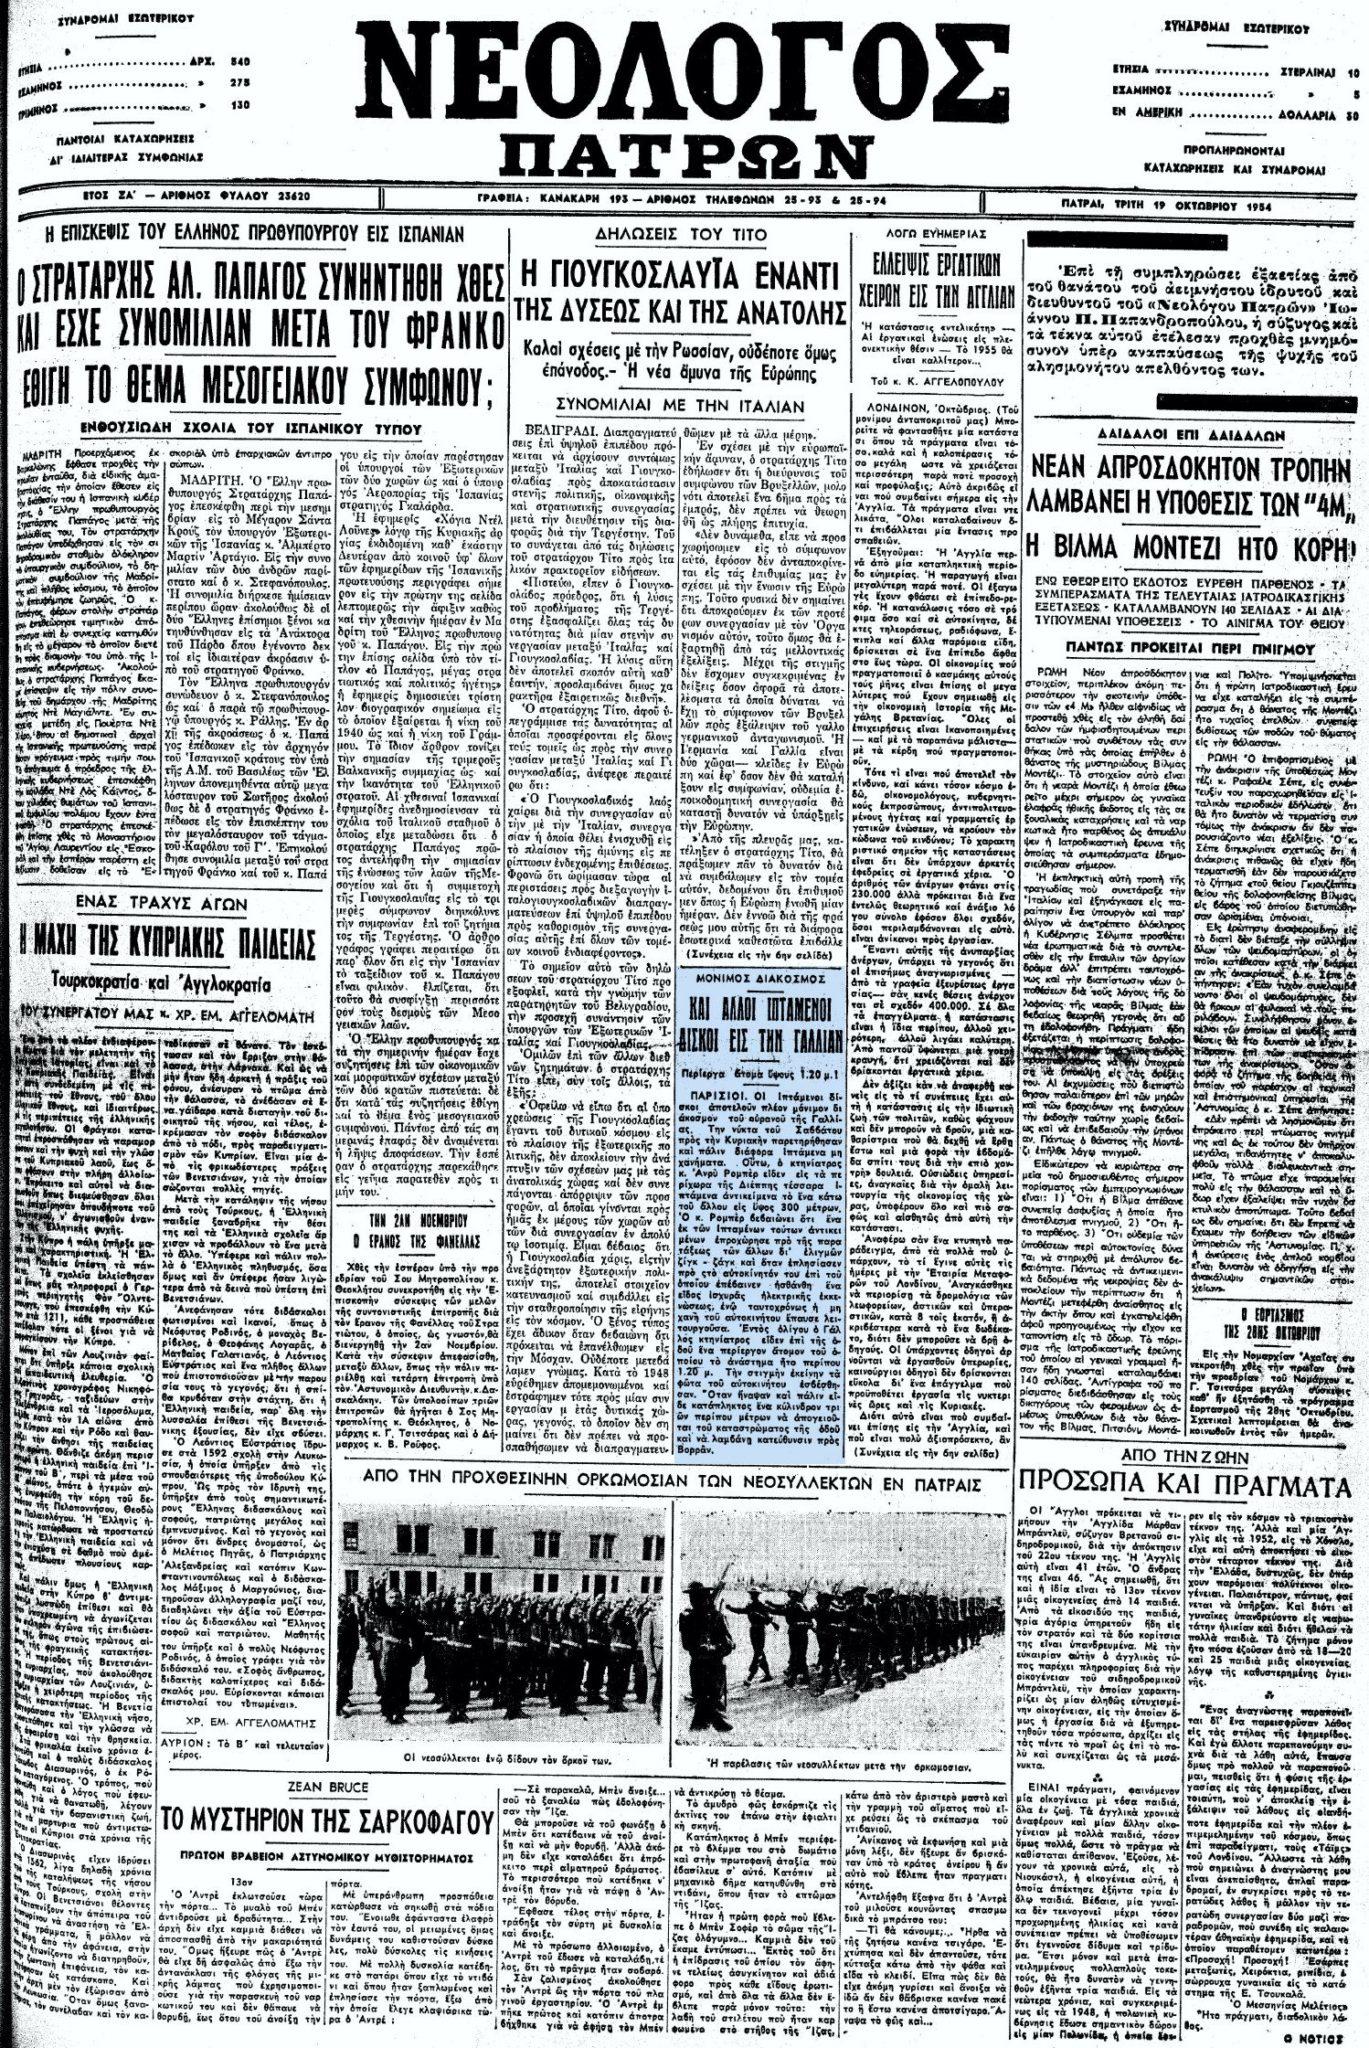 """Το άρθρο, όπως δημοσιεύθηκε στην εφημερίδα """"ΝΕΟΛΟΓΟΣ ΠΑΤΡΩΝ"""", στις 19/10/1954"""